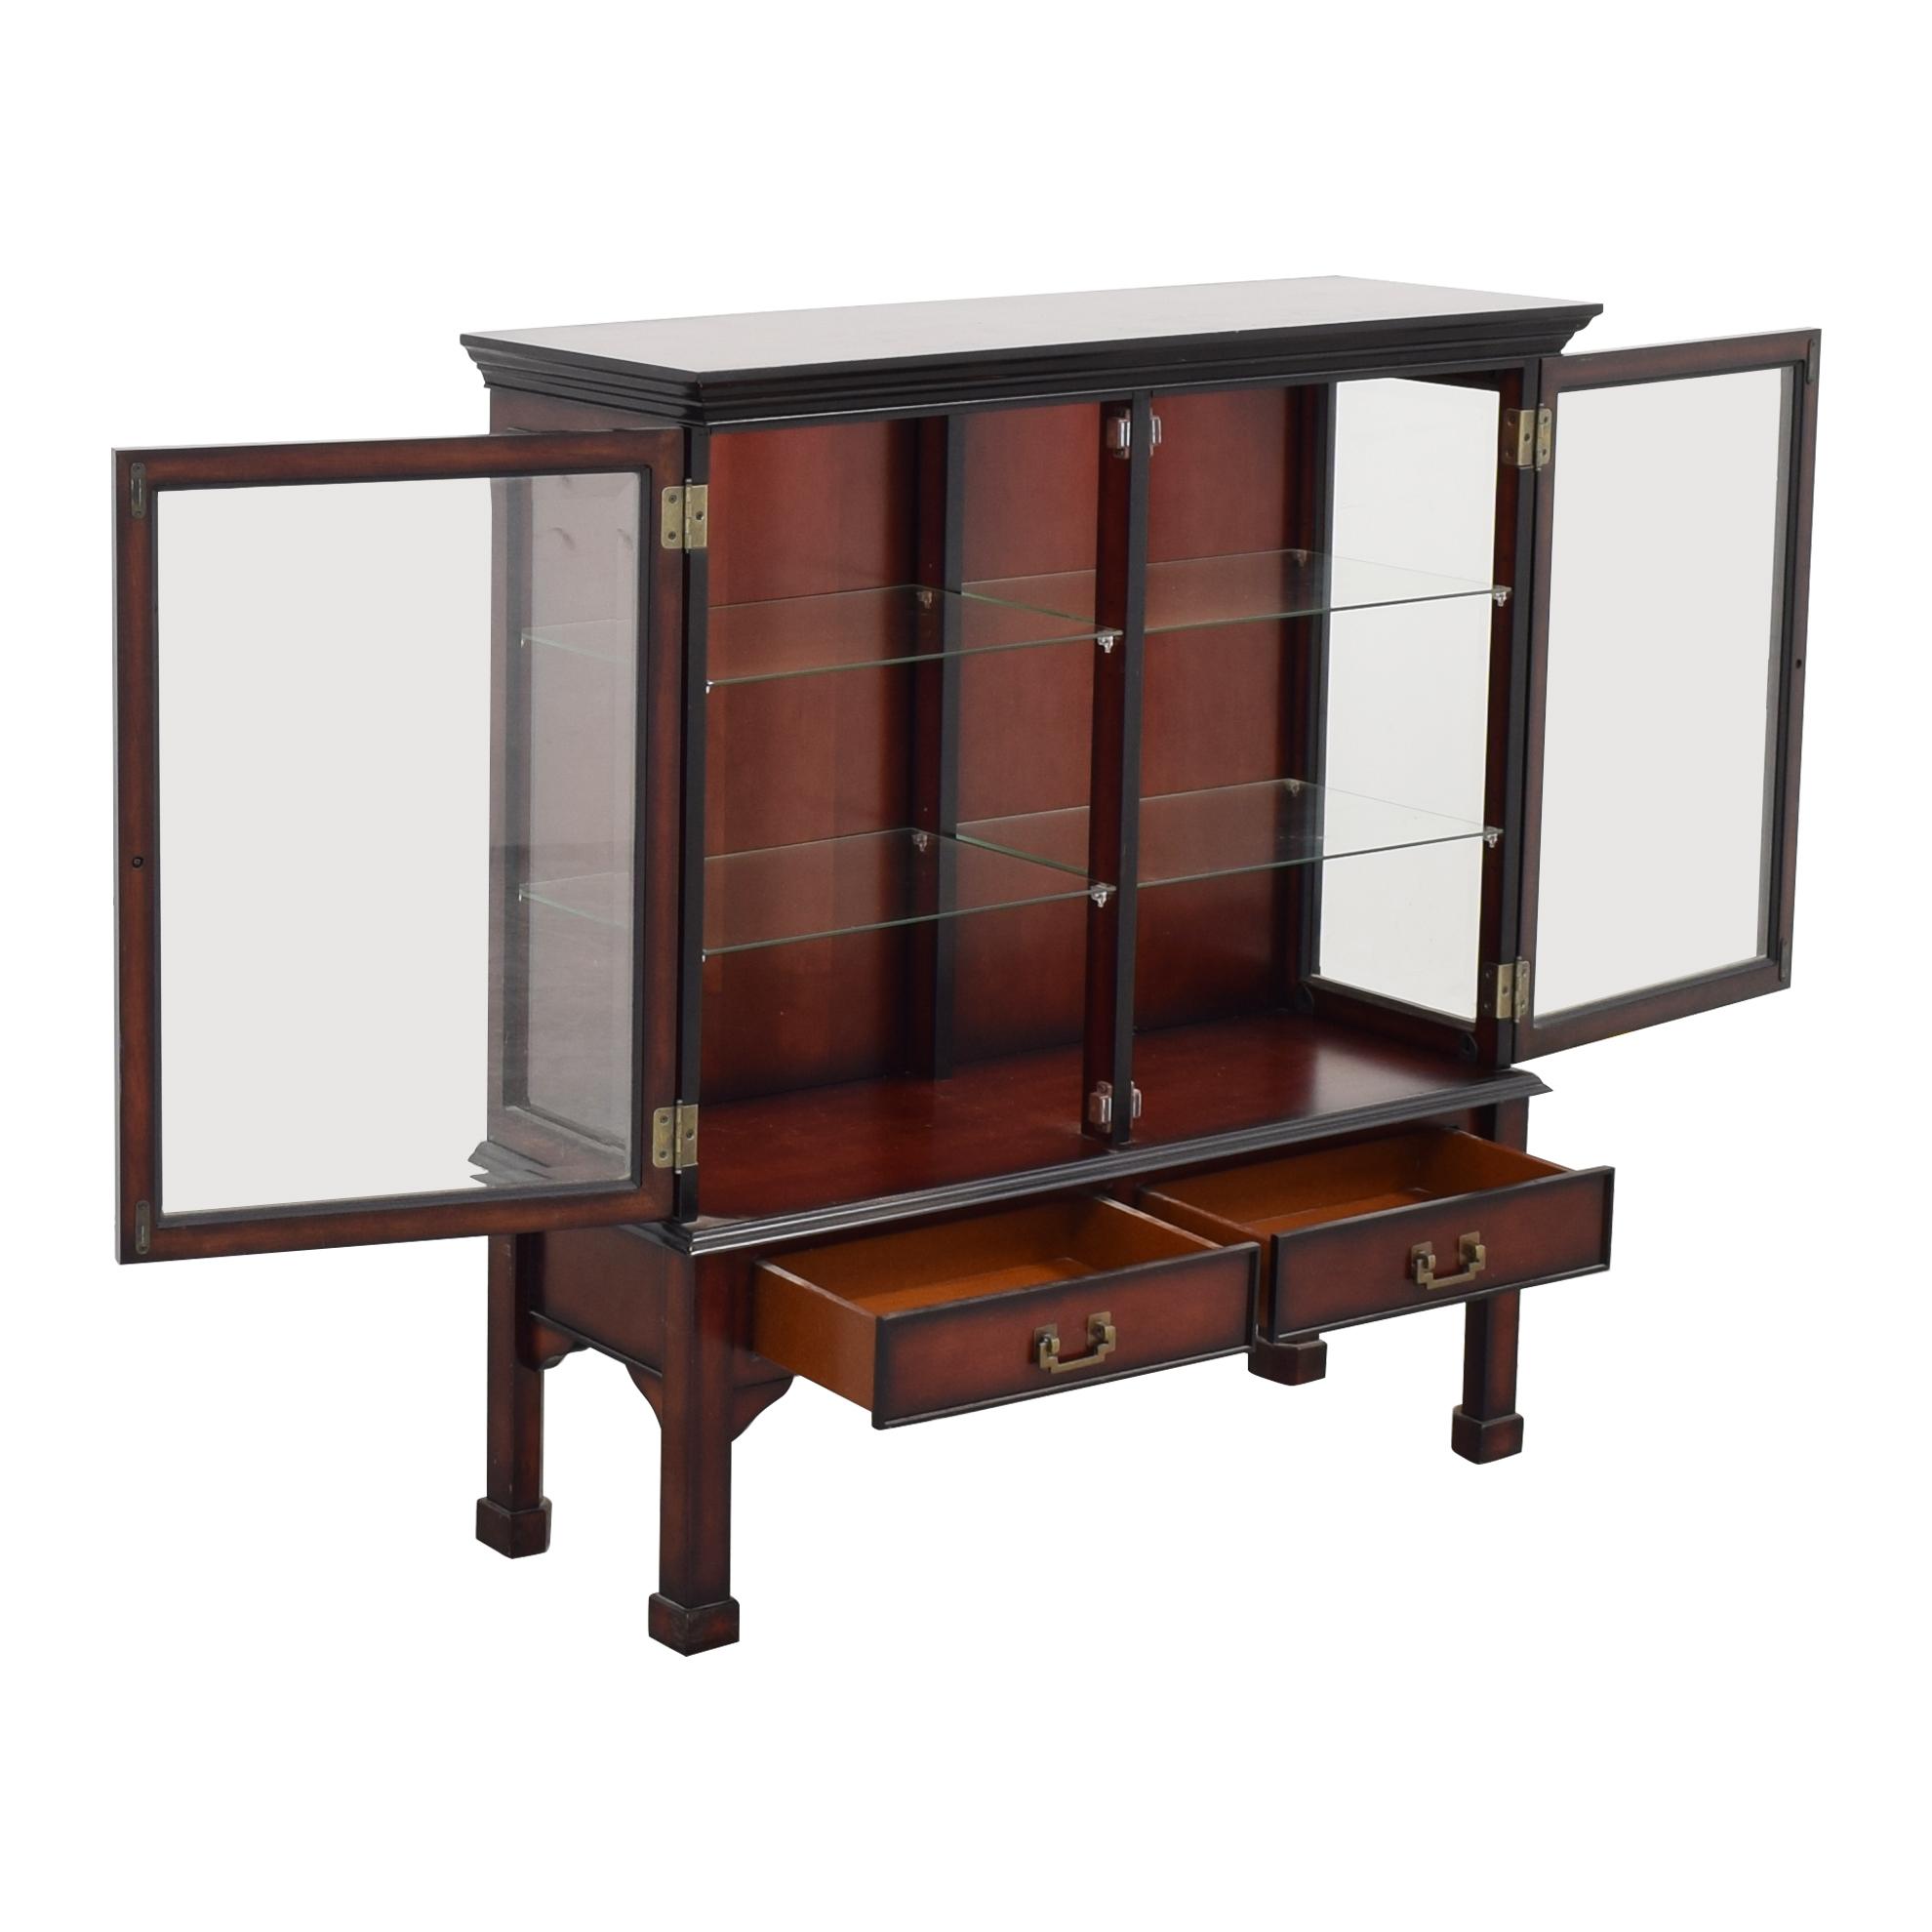 Bombay Company Bombay Company Hutch Display Cabinet dimensions